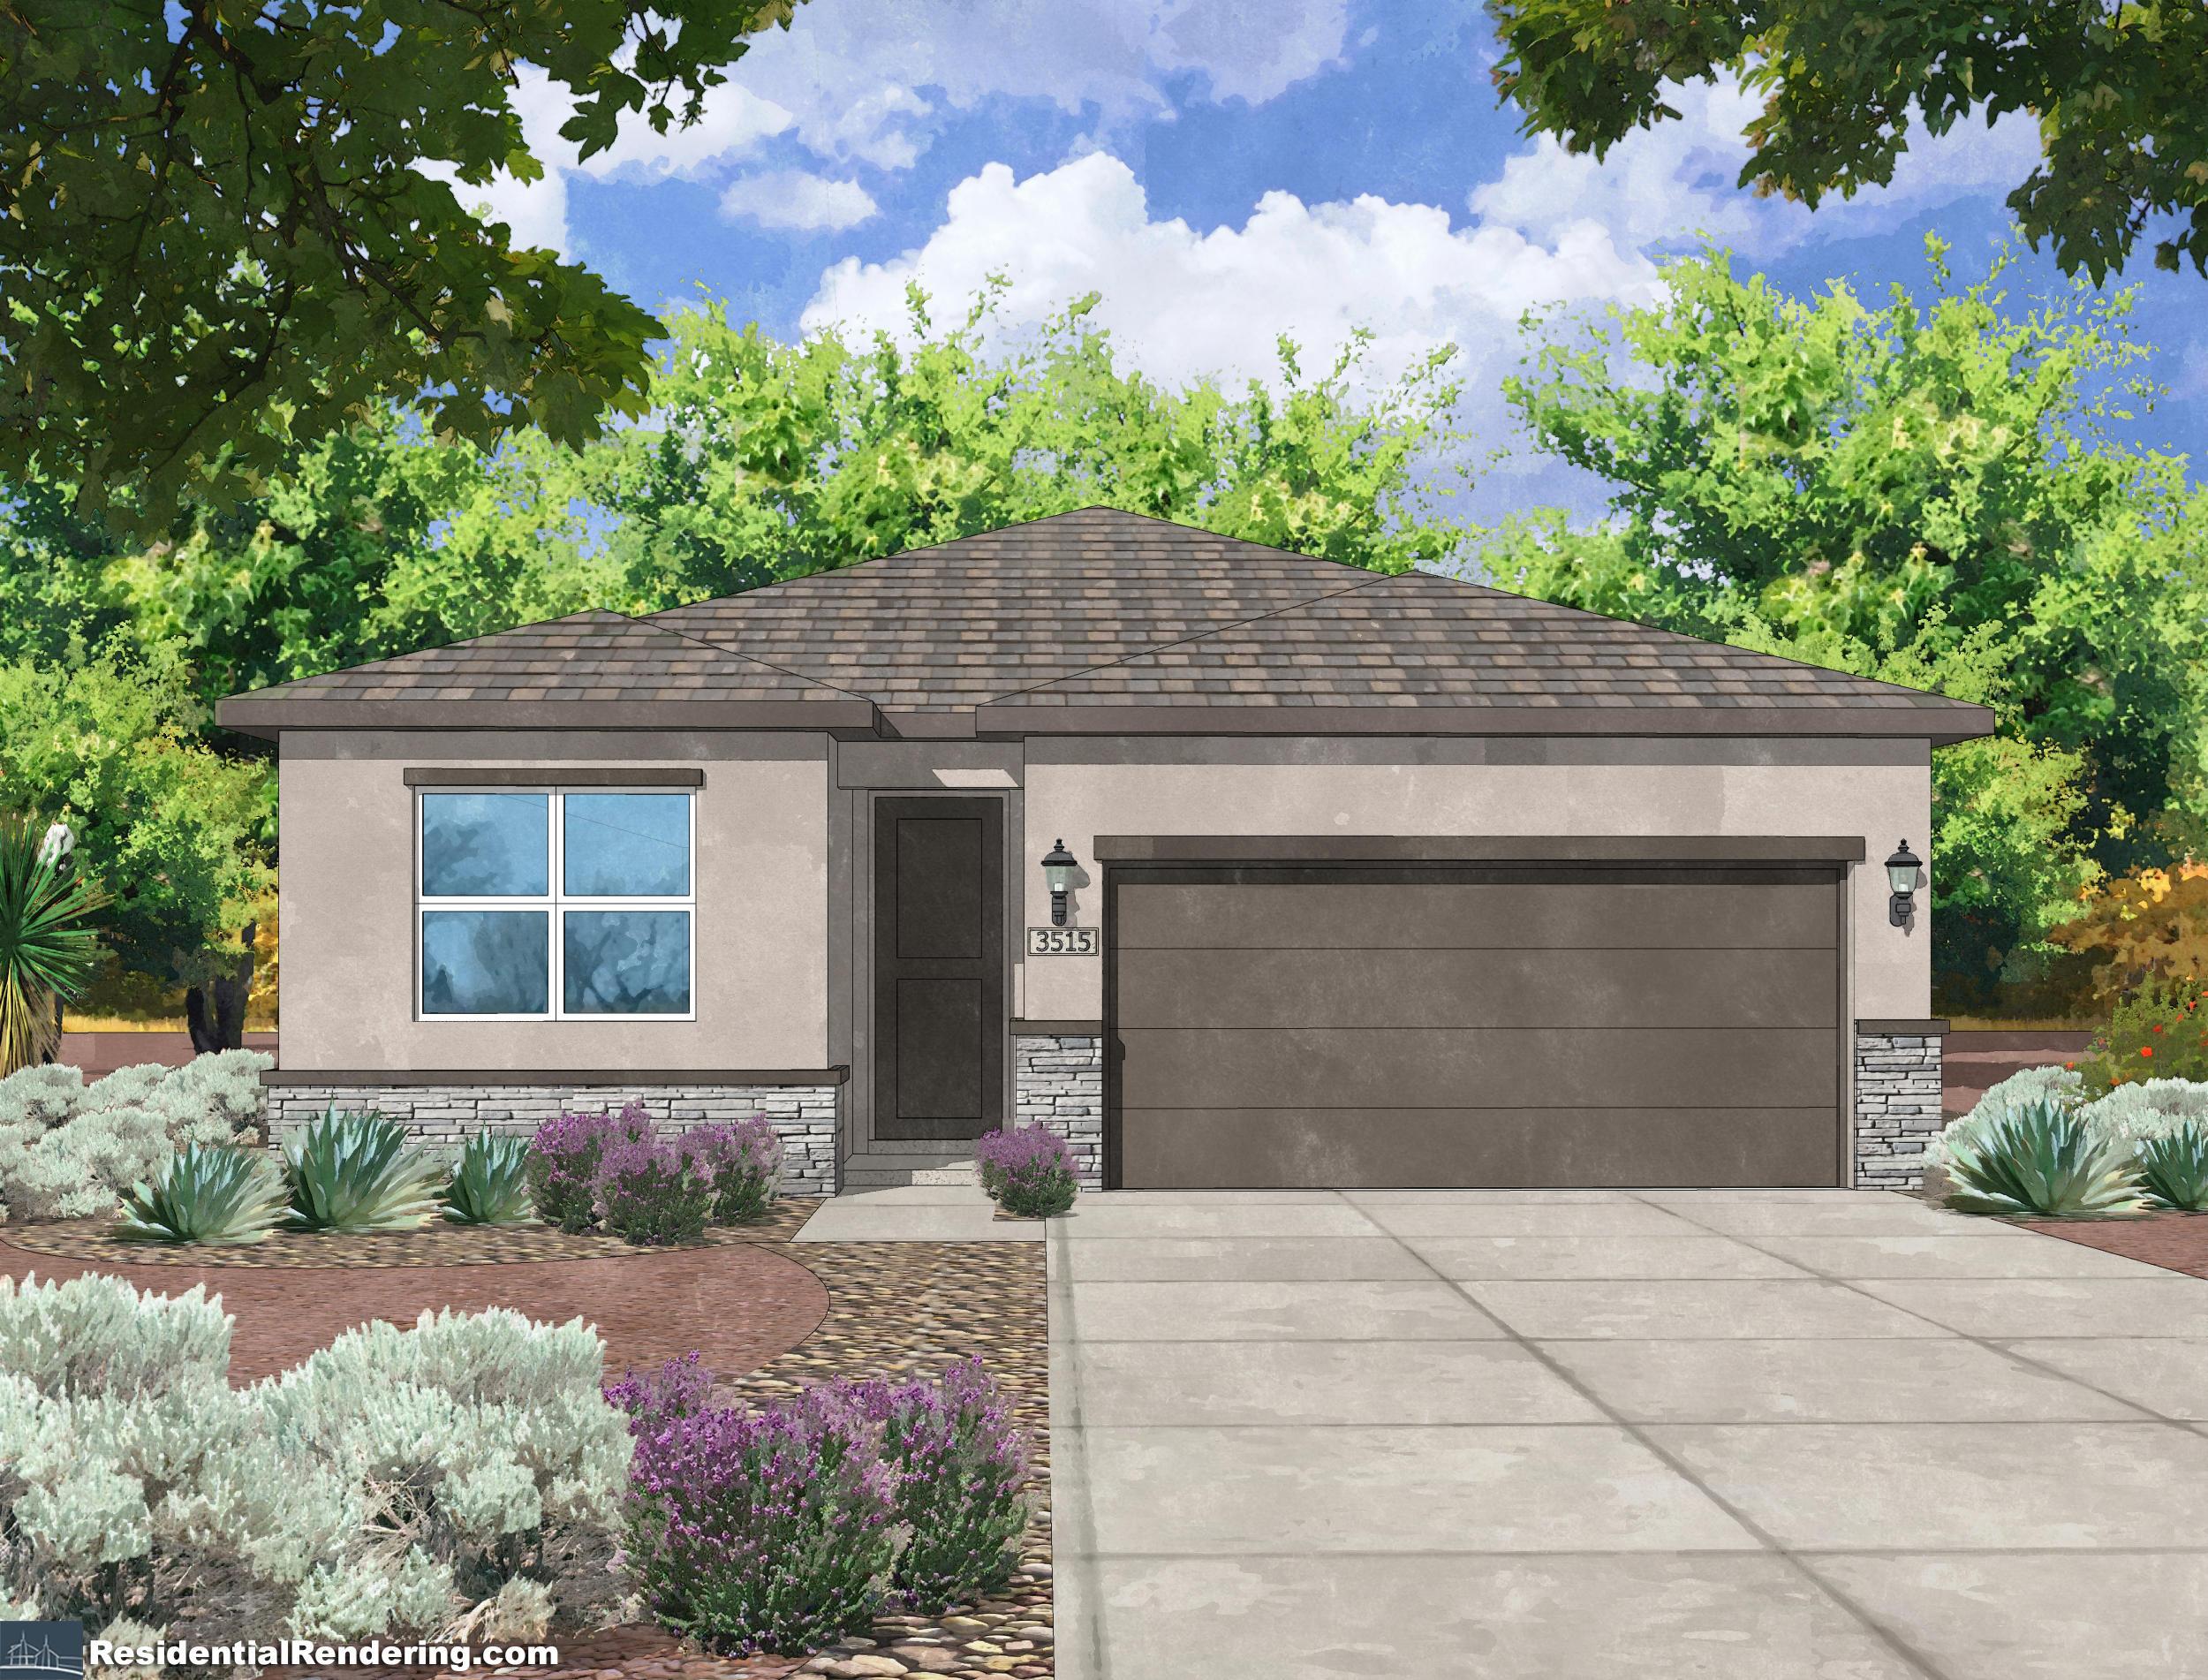 6701 Delgado Way, Rio Rancho NM 87144